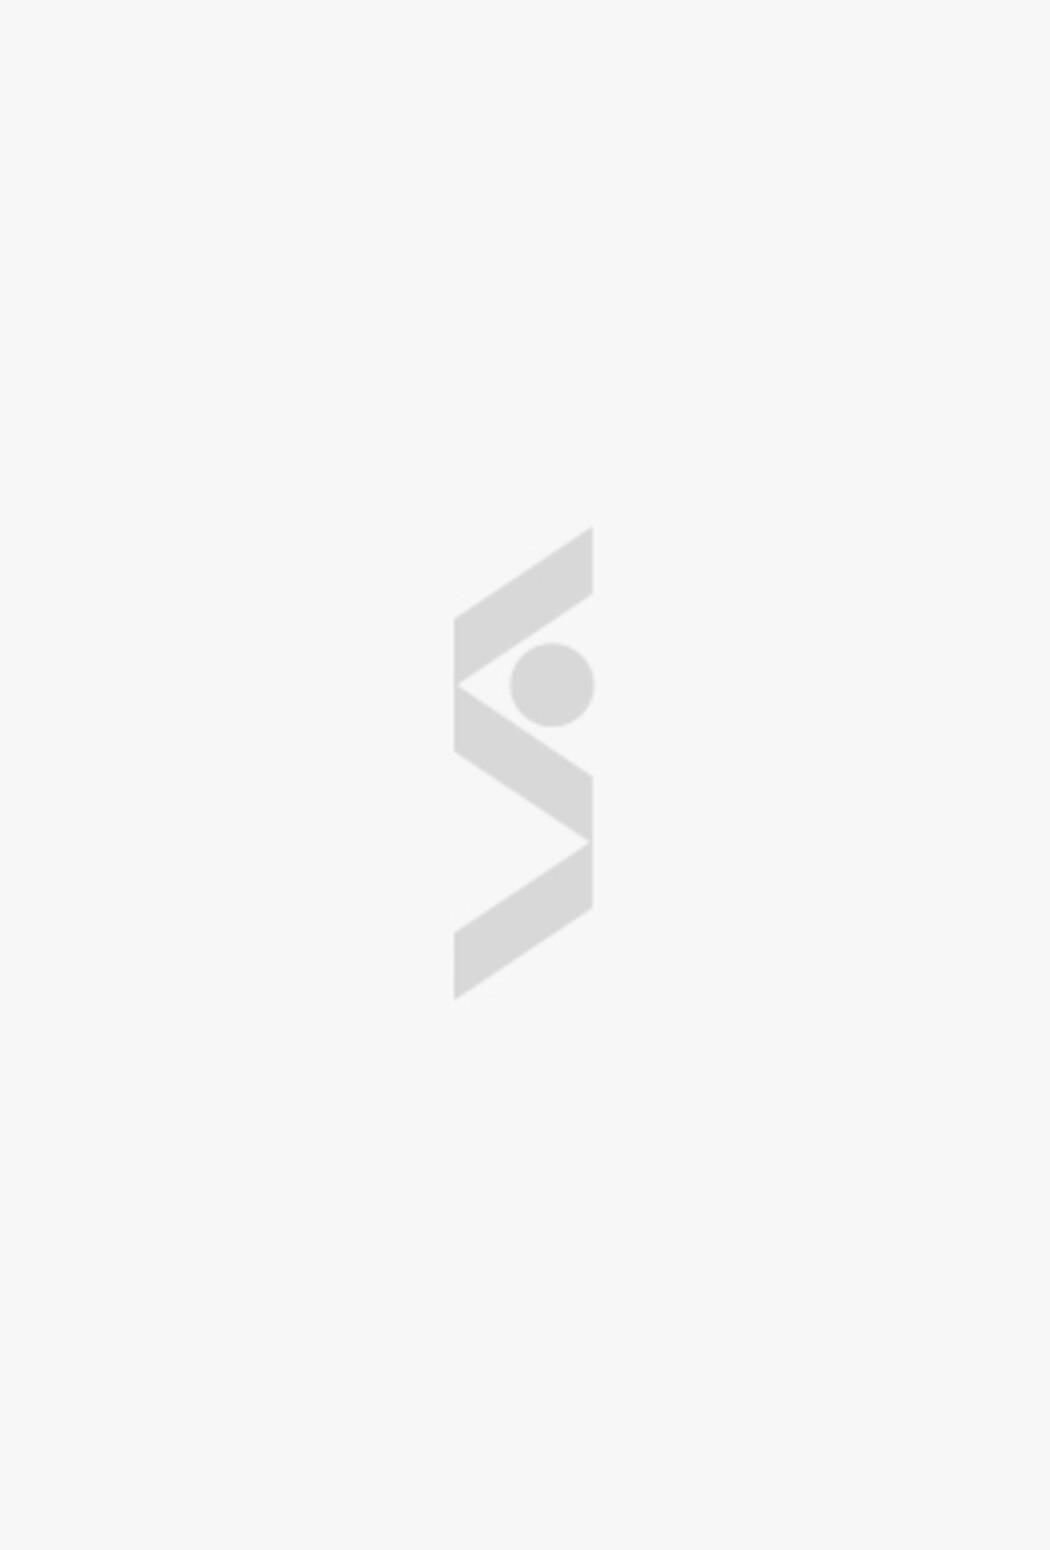 75021933f153 Набор из четырех трусов брифов из хлопка DIM купить со скидкой за ...